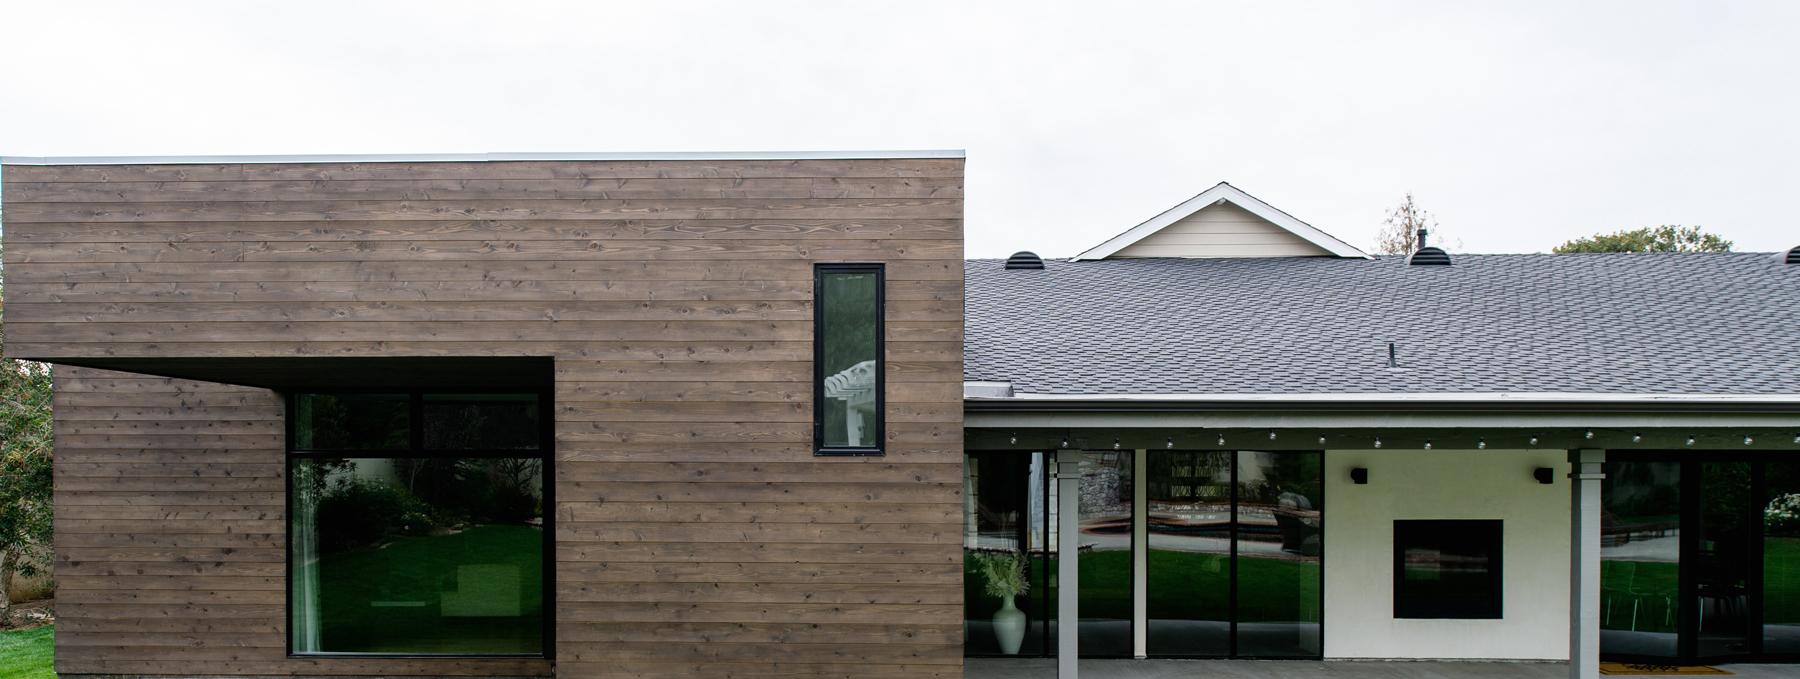 villa park modern  / residential addition + renovation